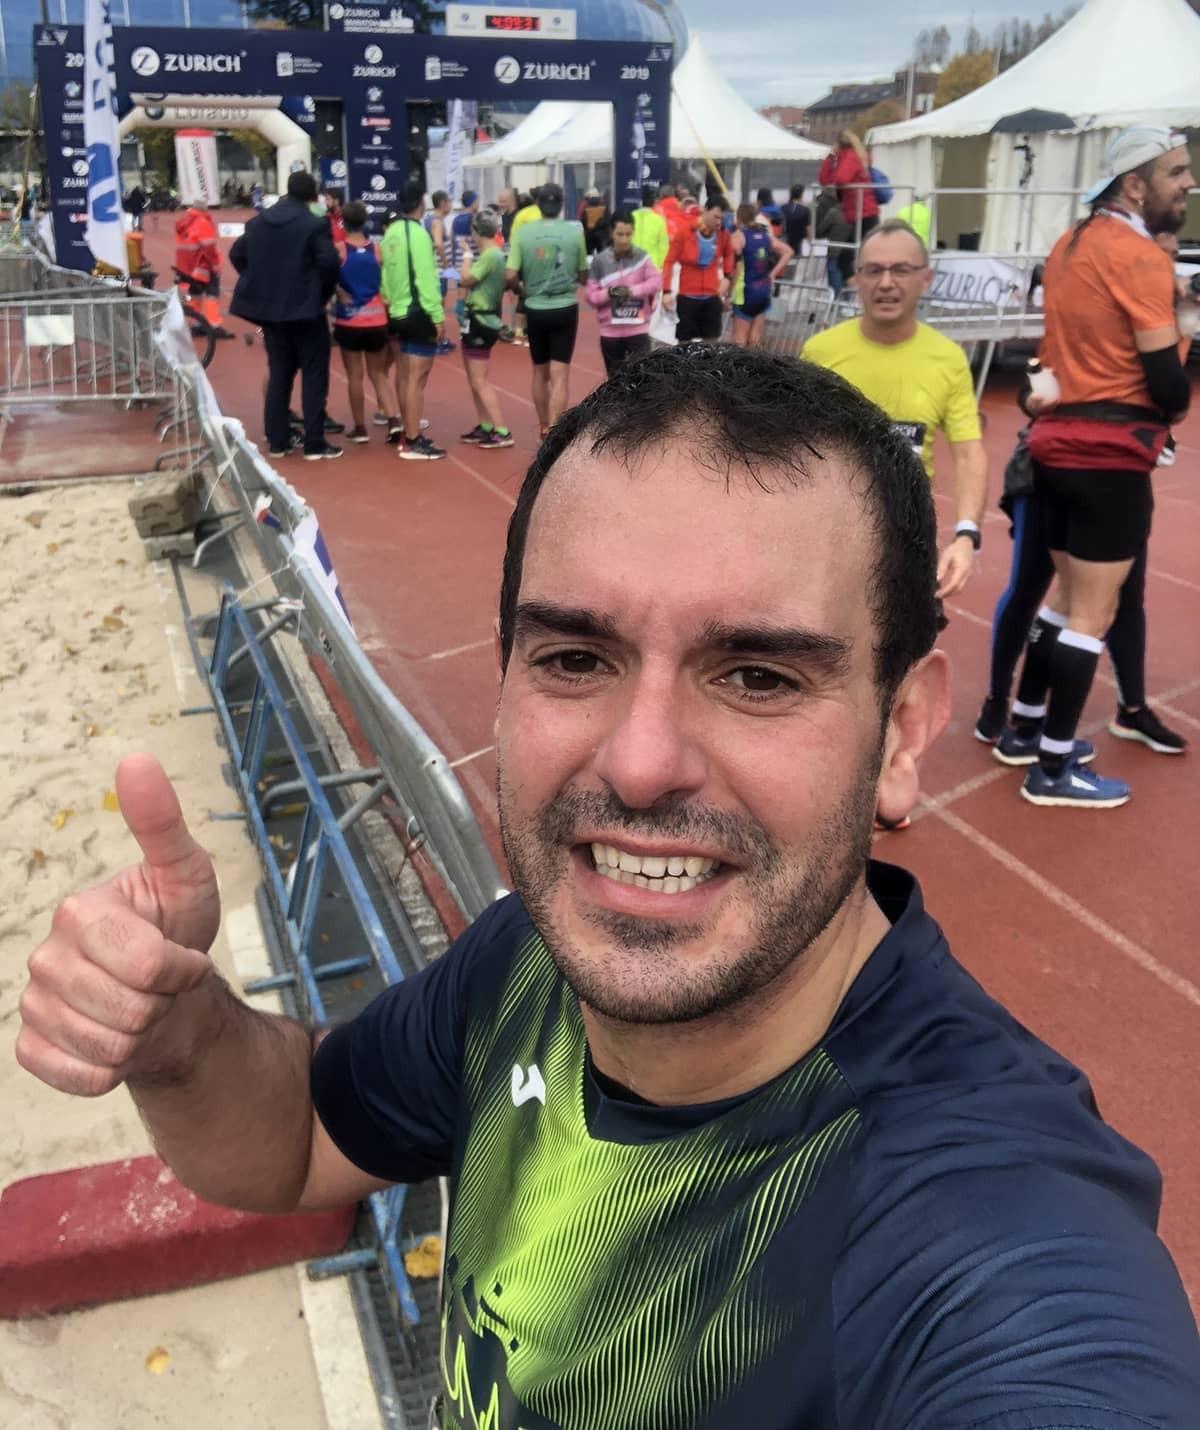 El objetivo de correr un maratón, respeto máximo - foto 3